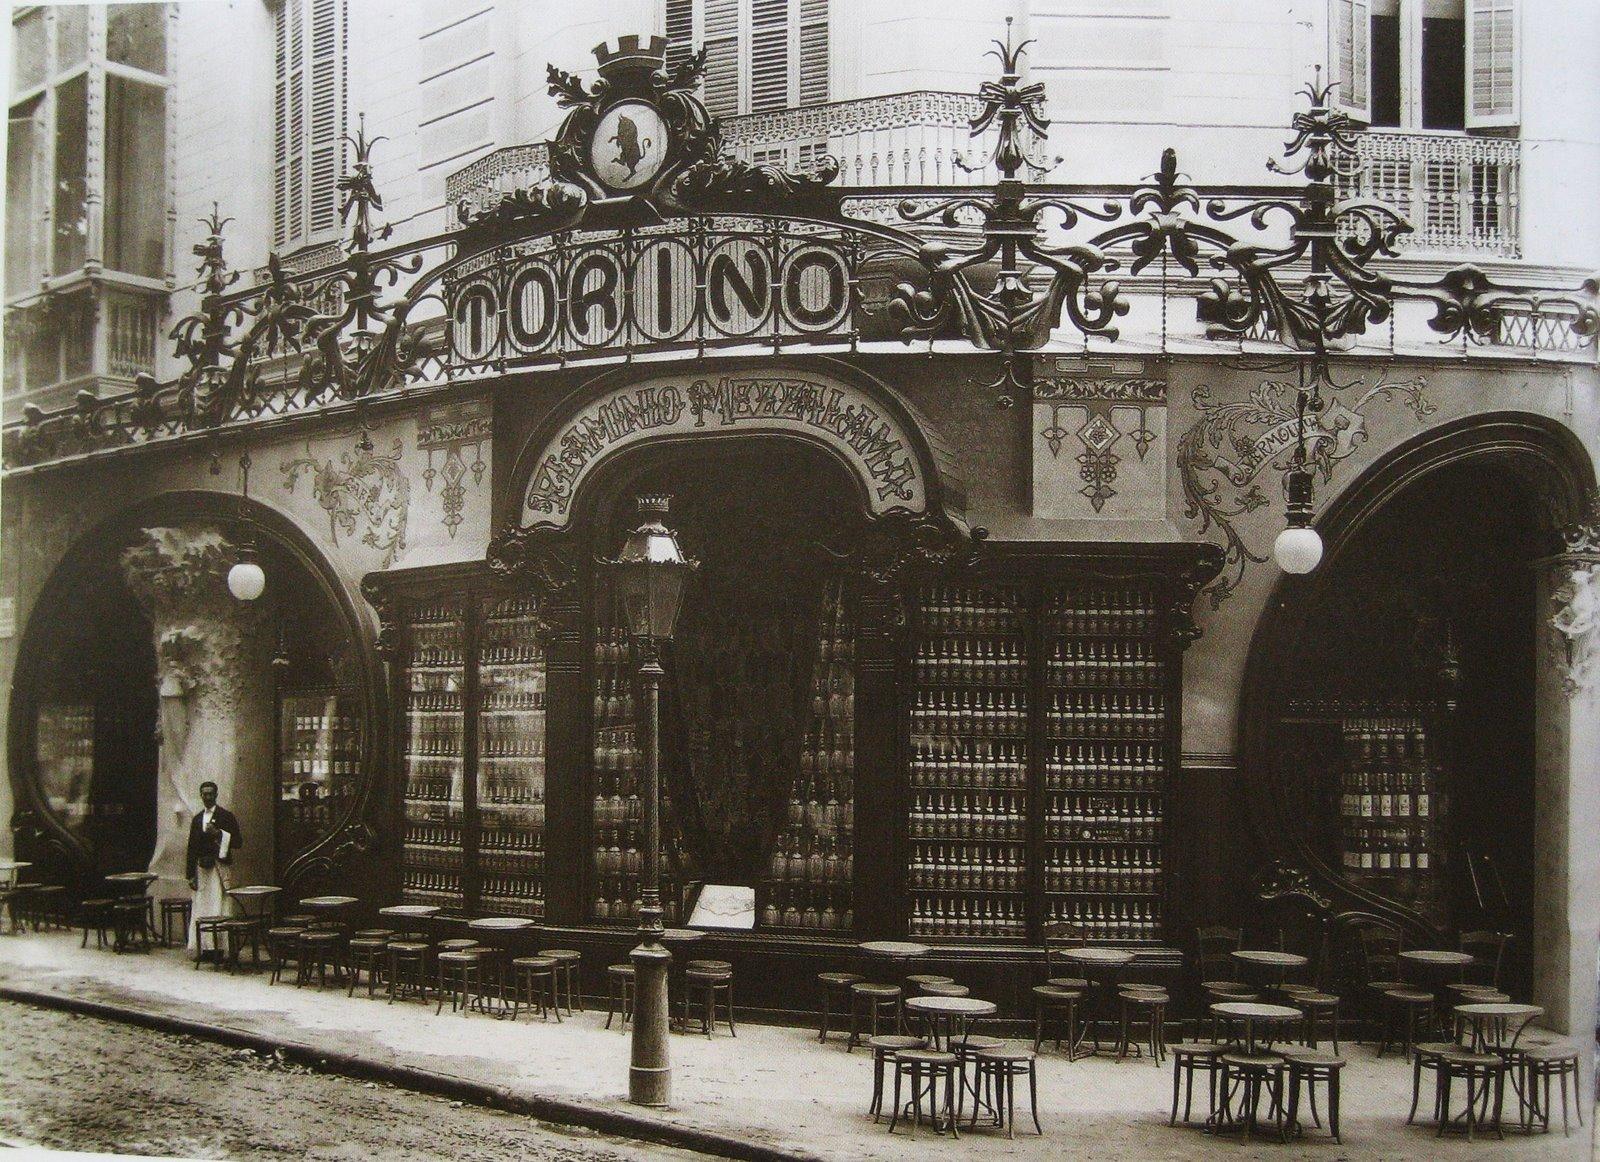 Storia di un successo: il café Torino a Barcellona